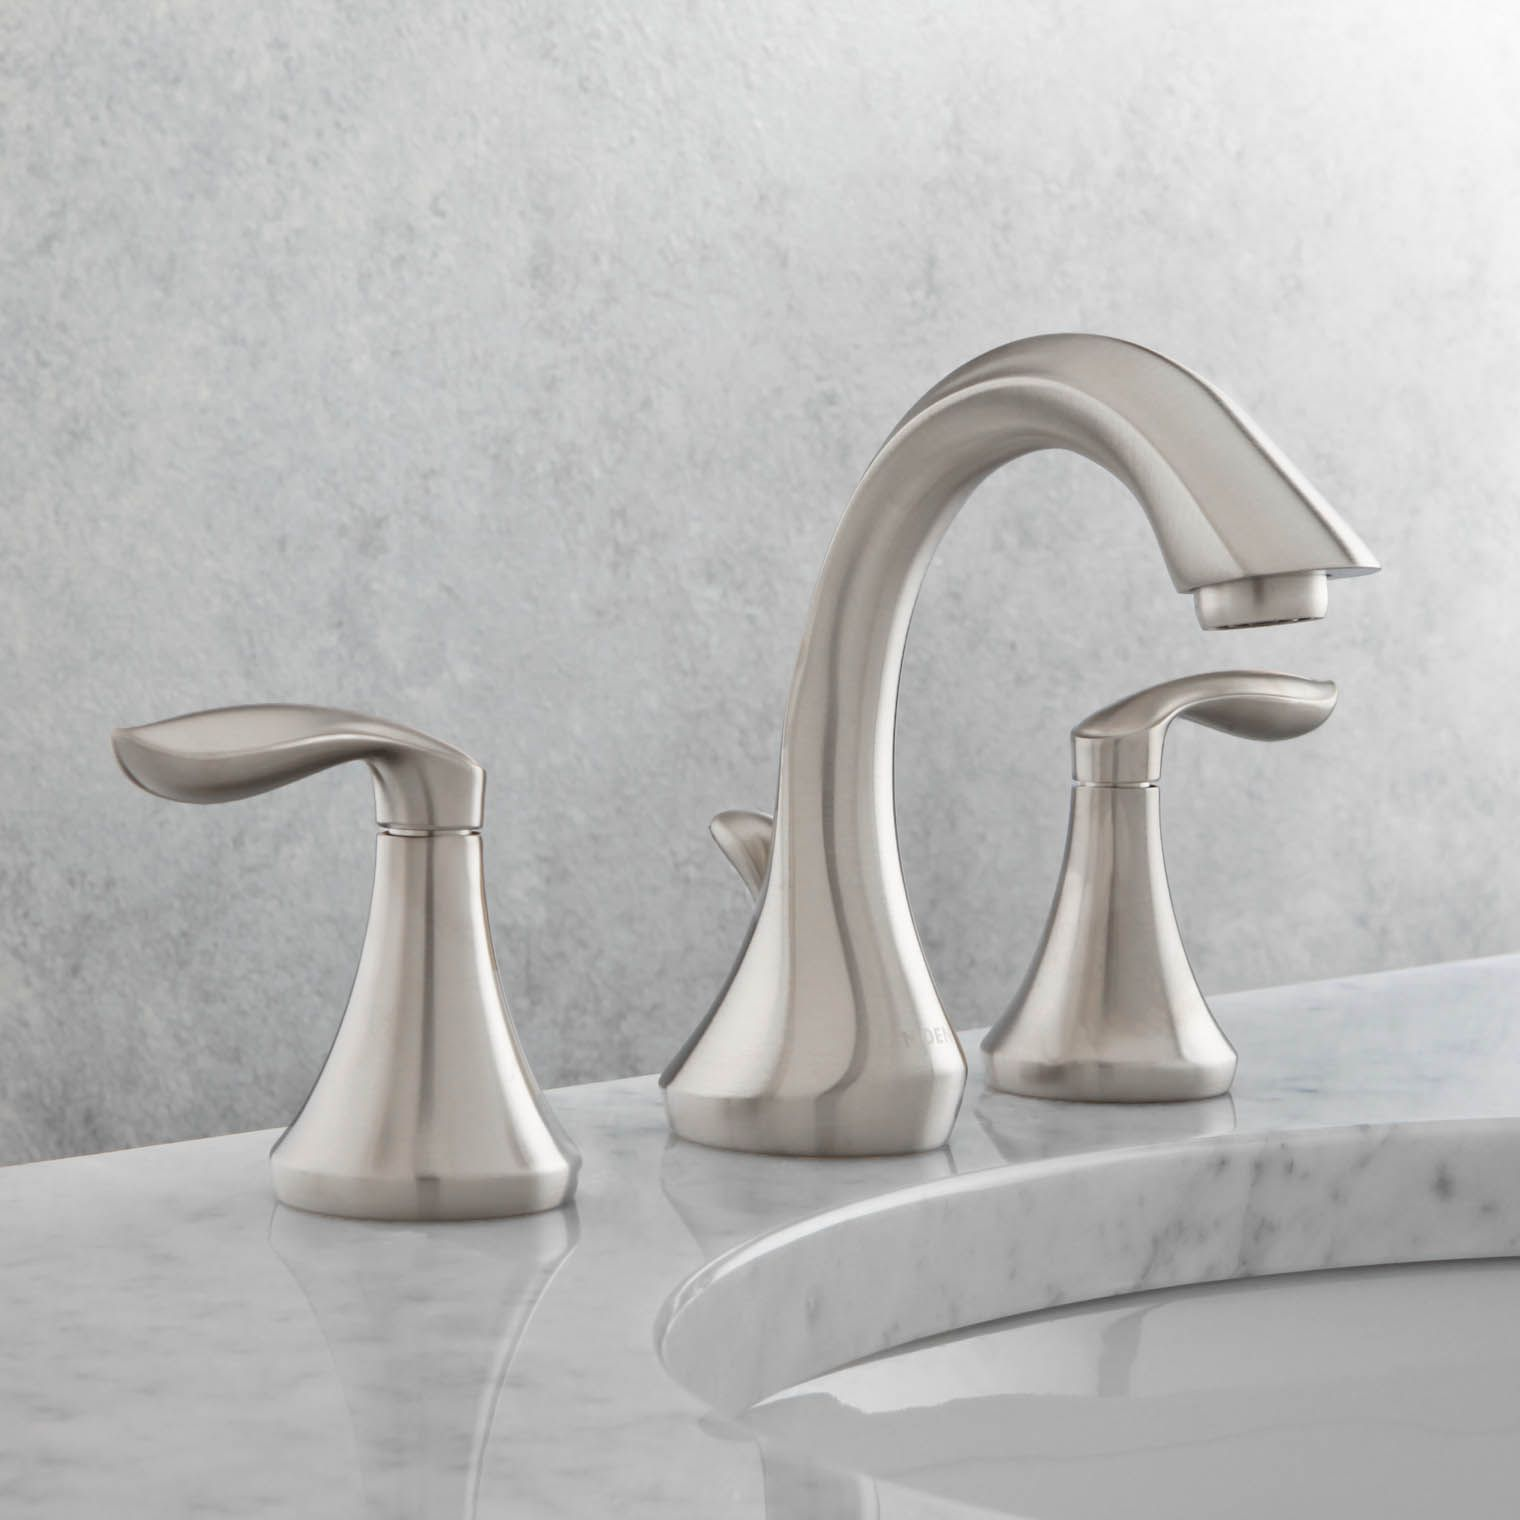 eva two handle widespread bathroom faucet | faucet, master